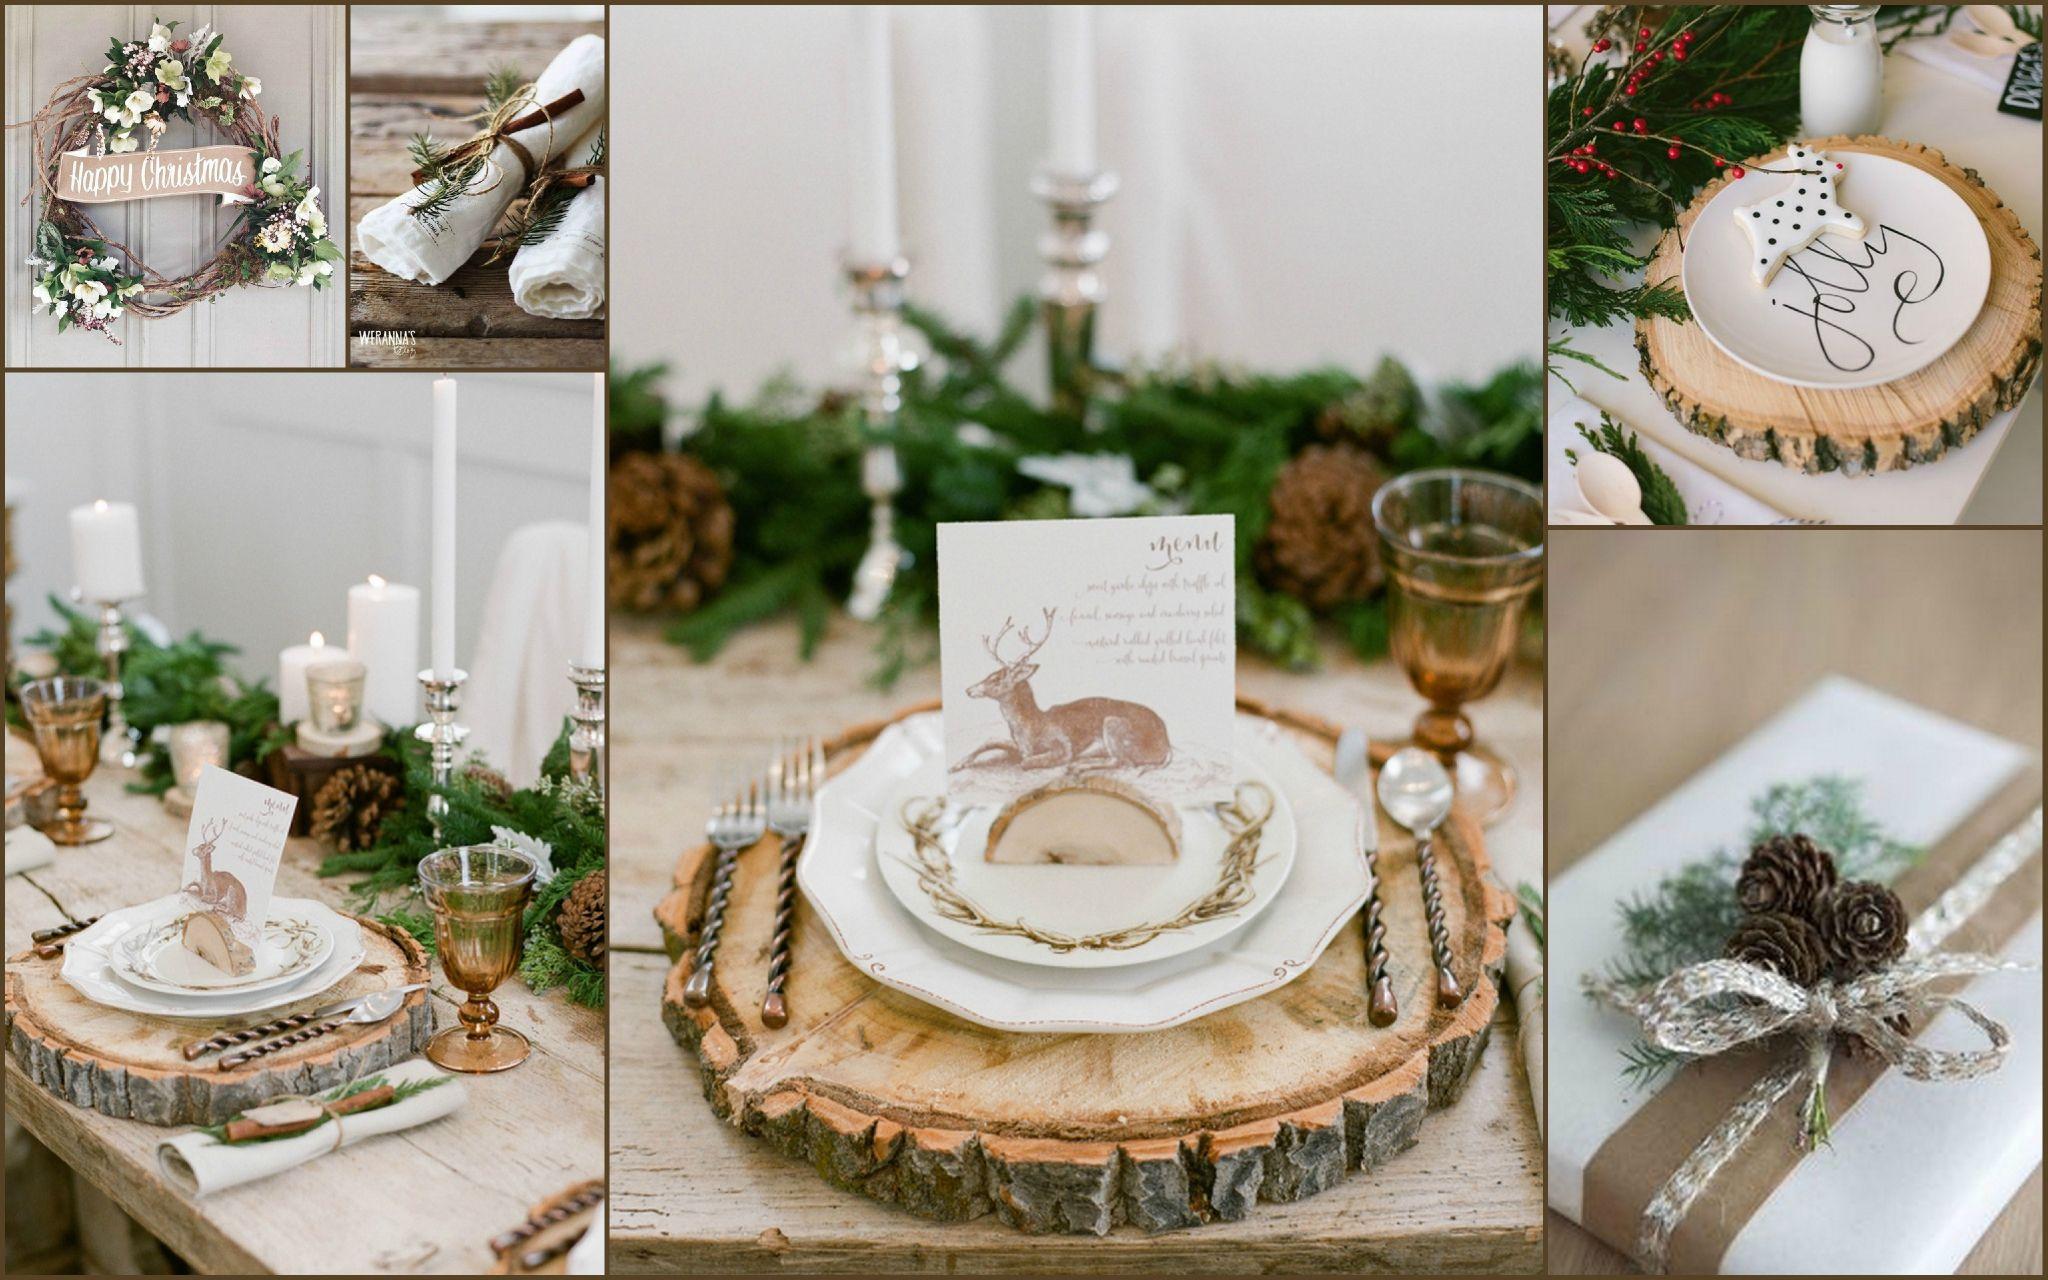 Deco Noel En Bois Naturel noel naturel - bois | table de fete noel, table de fete